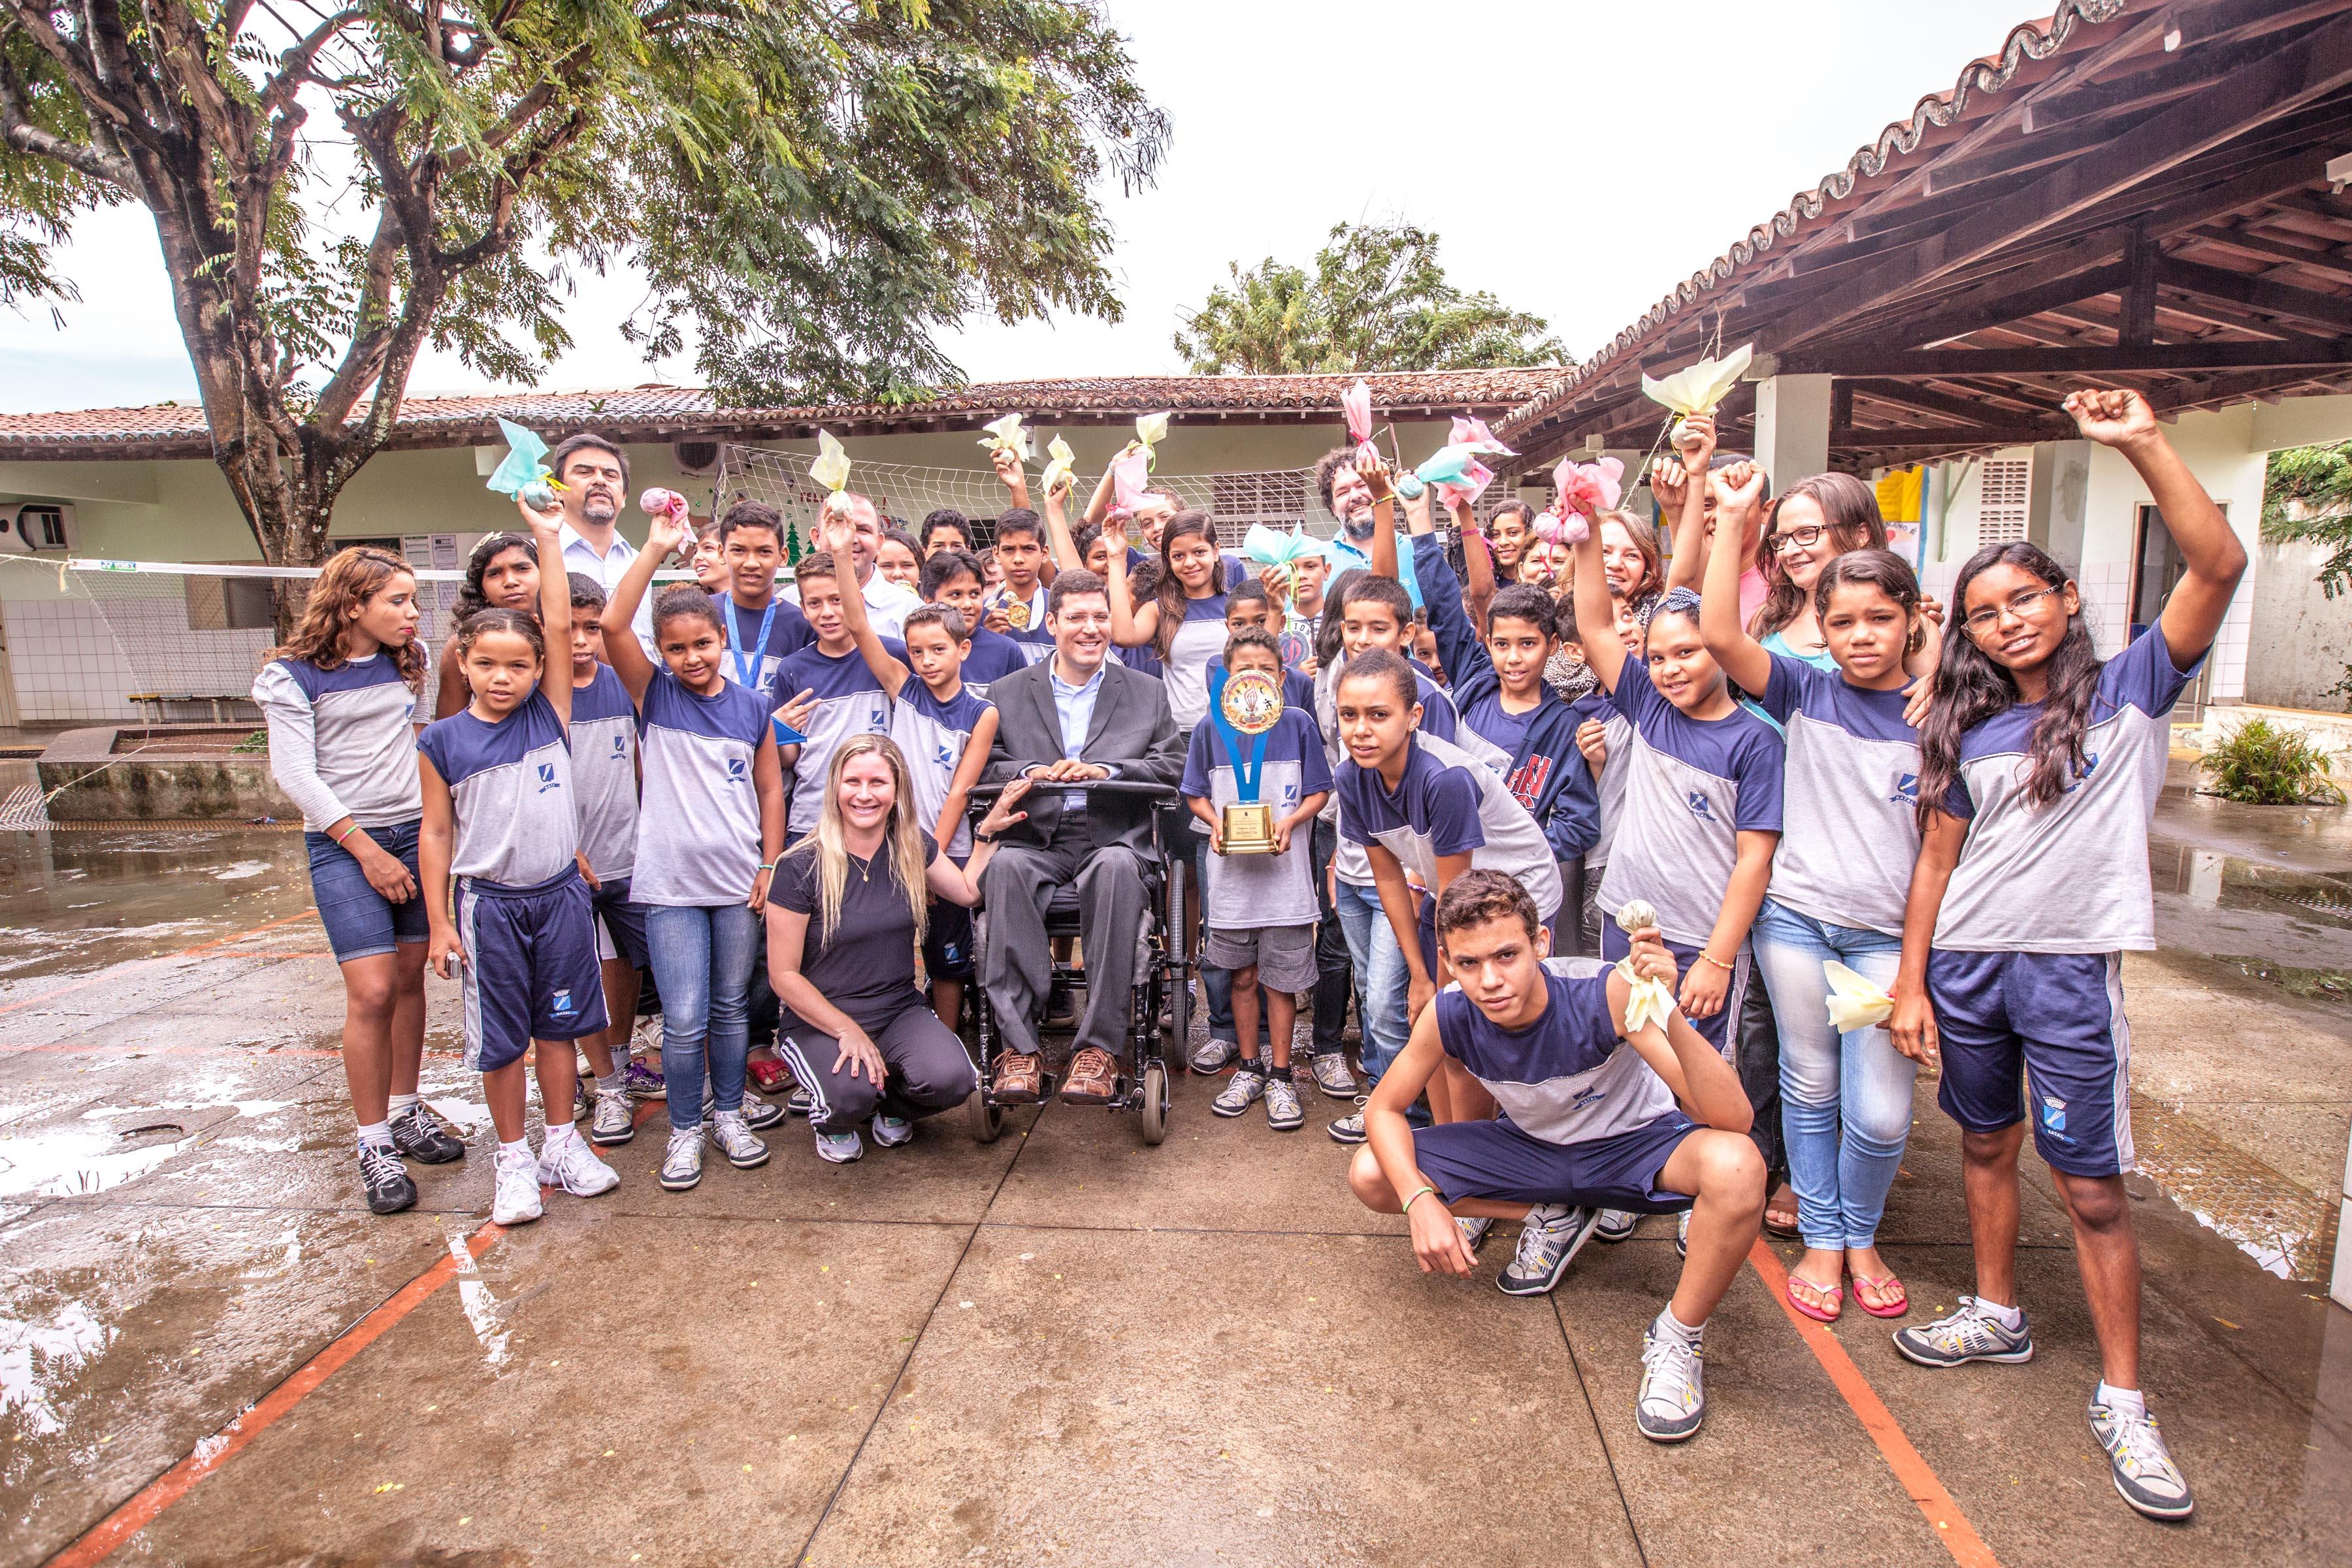 Crianças uniformizadas e educadores posam para foto junto a Rodrigo em pátio de escola. Todos estão sorridentes e alguns estão com os braços erguidos segurando petecas.